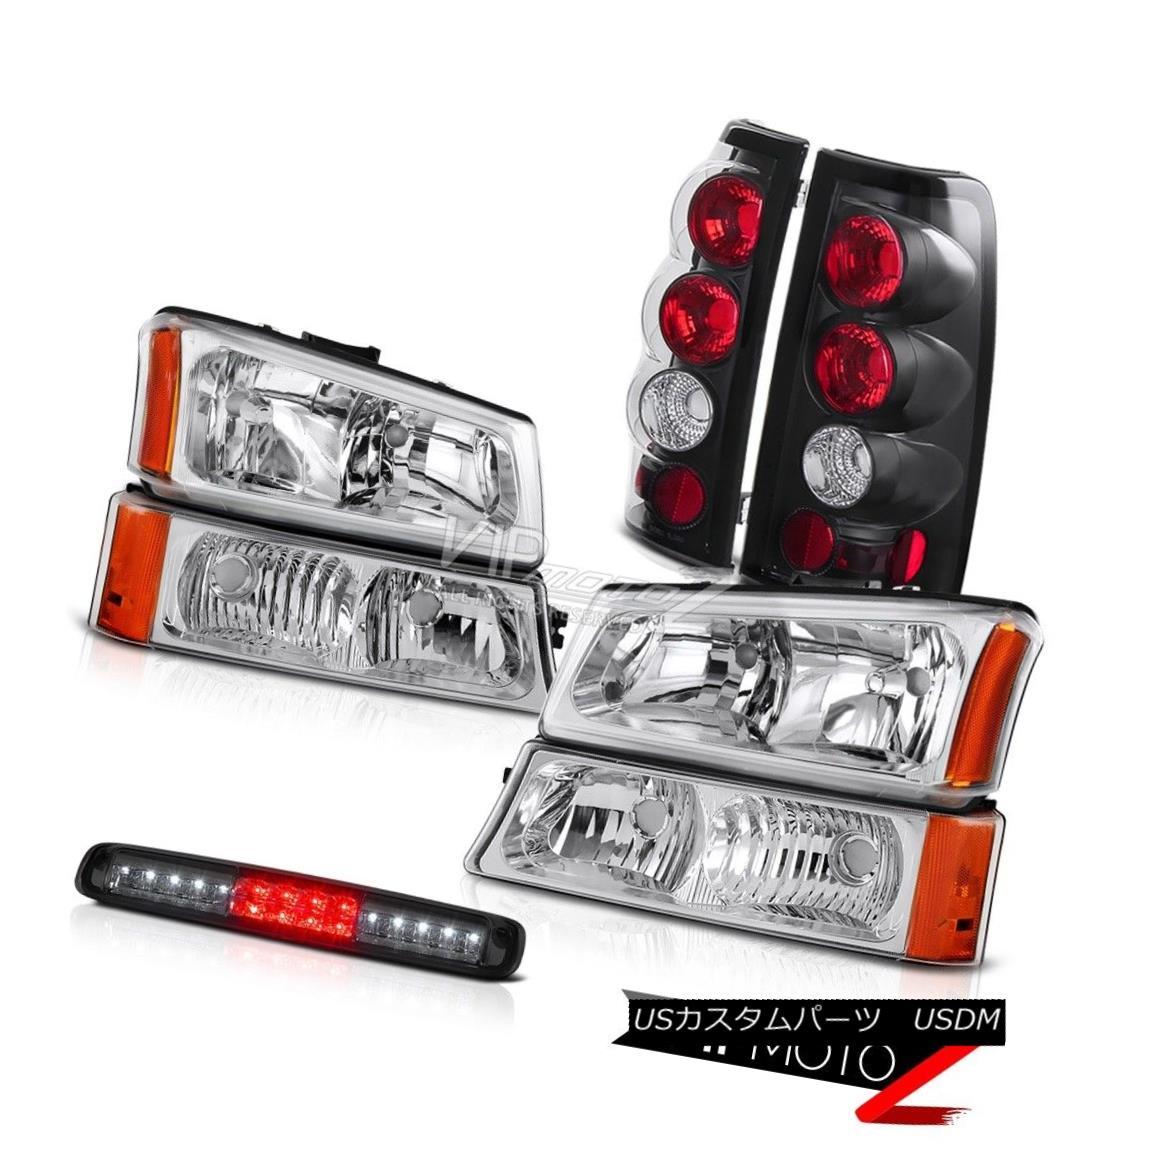 ヘッドライト 03-06 Chevy Silverado 1500 Chrome Bumper Light 3RD Brake Headlights Taillamps 03-06 Chevy Silverado 1500 Chrome Bumper Light 3RDブレーキヘッドライトテールランプ